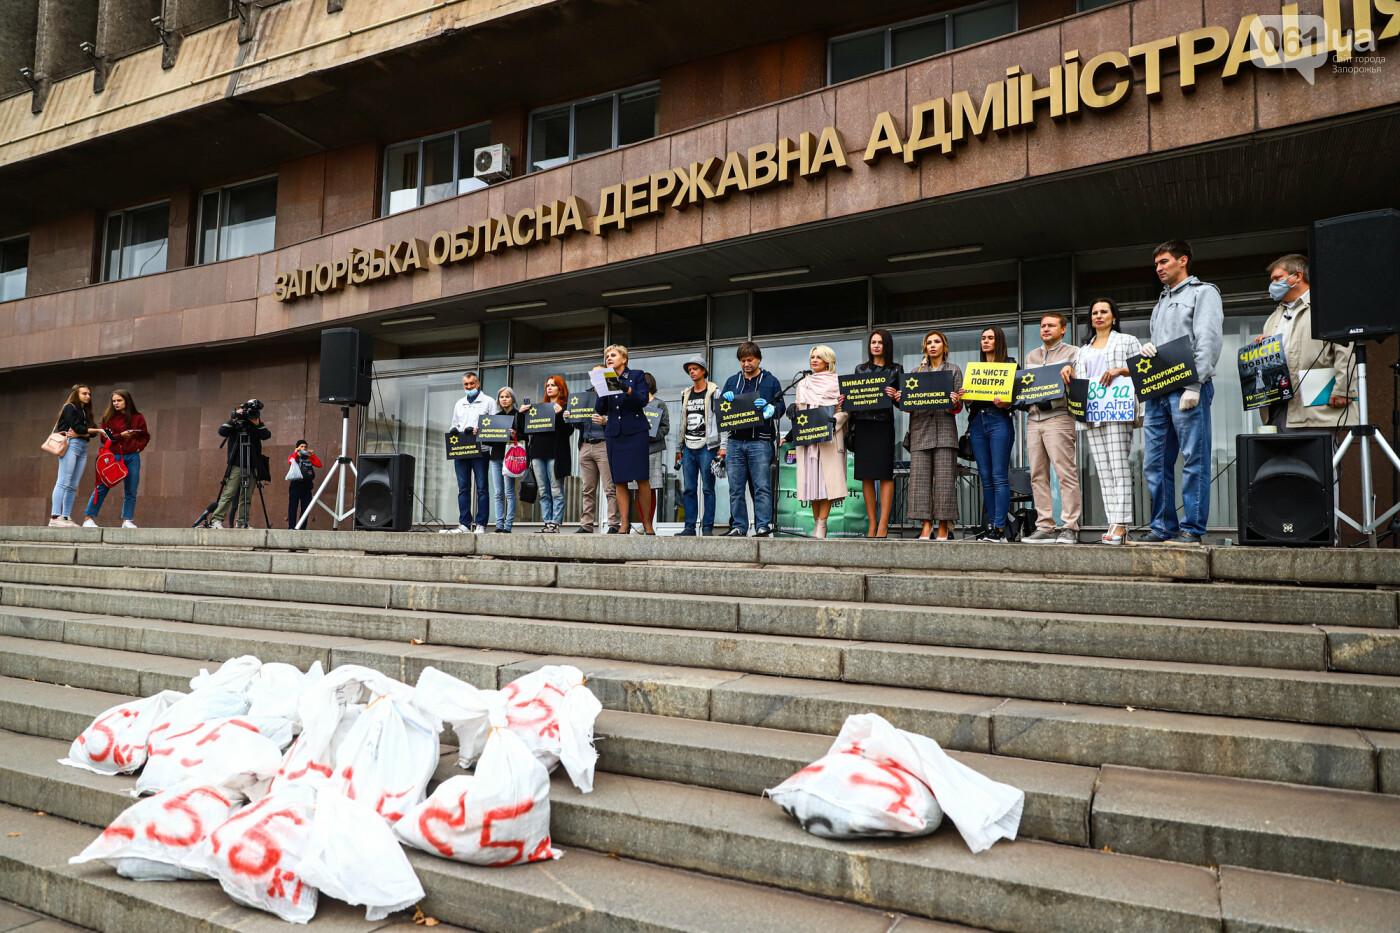 Маю право дихати: тысячи запорожцев вышли на экологический митинг, ФОТО, ВИДЕО, фото-58